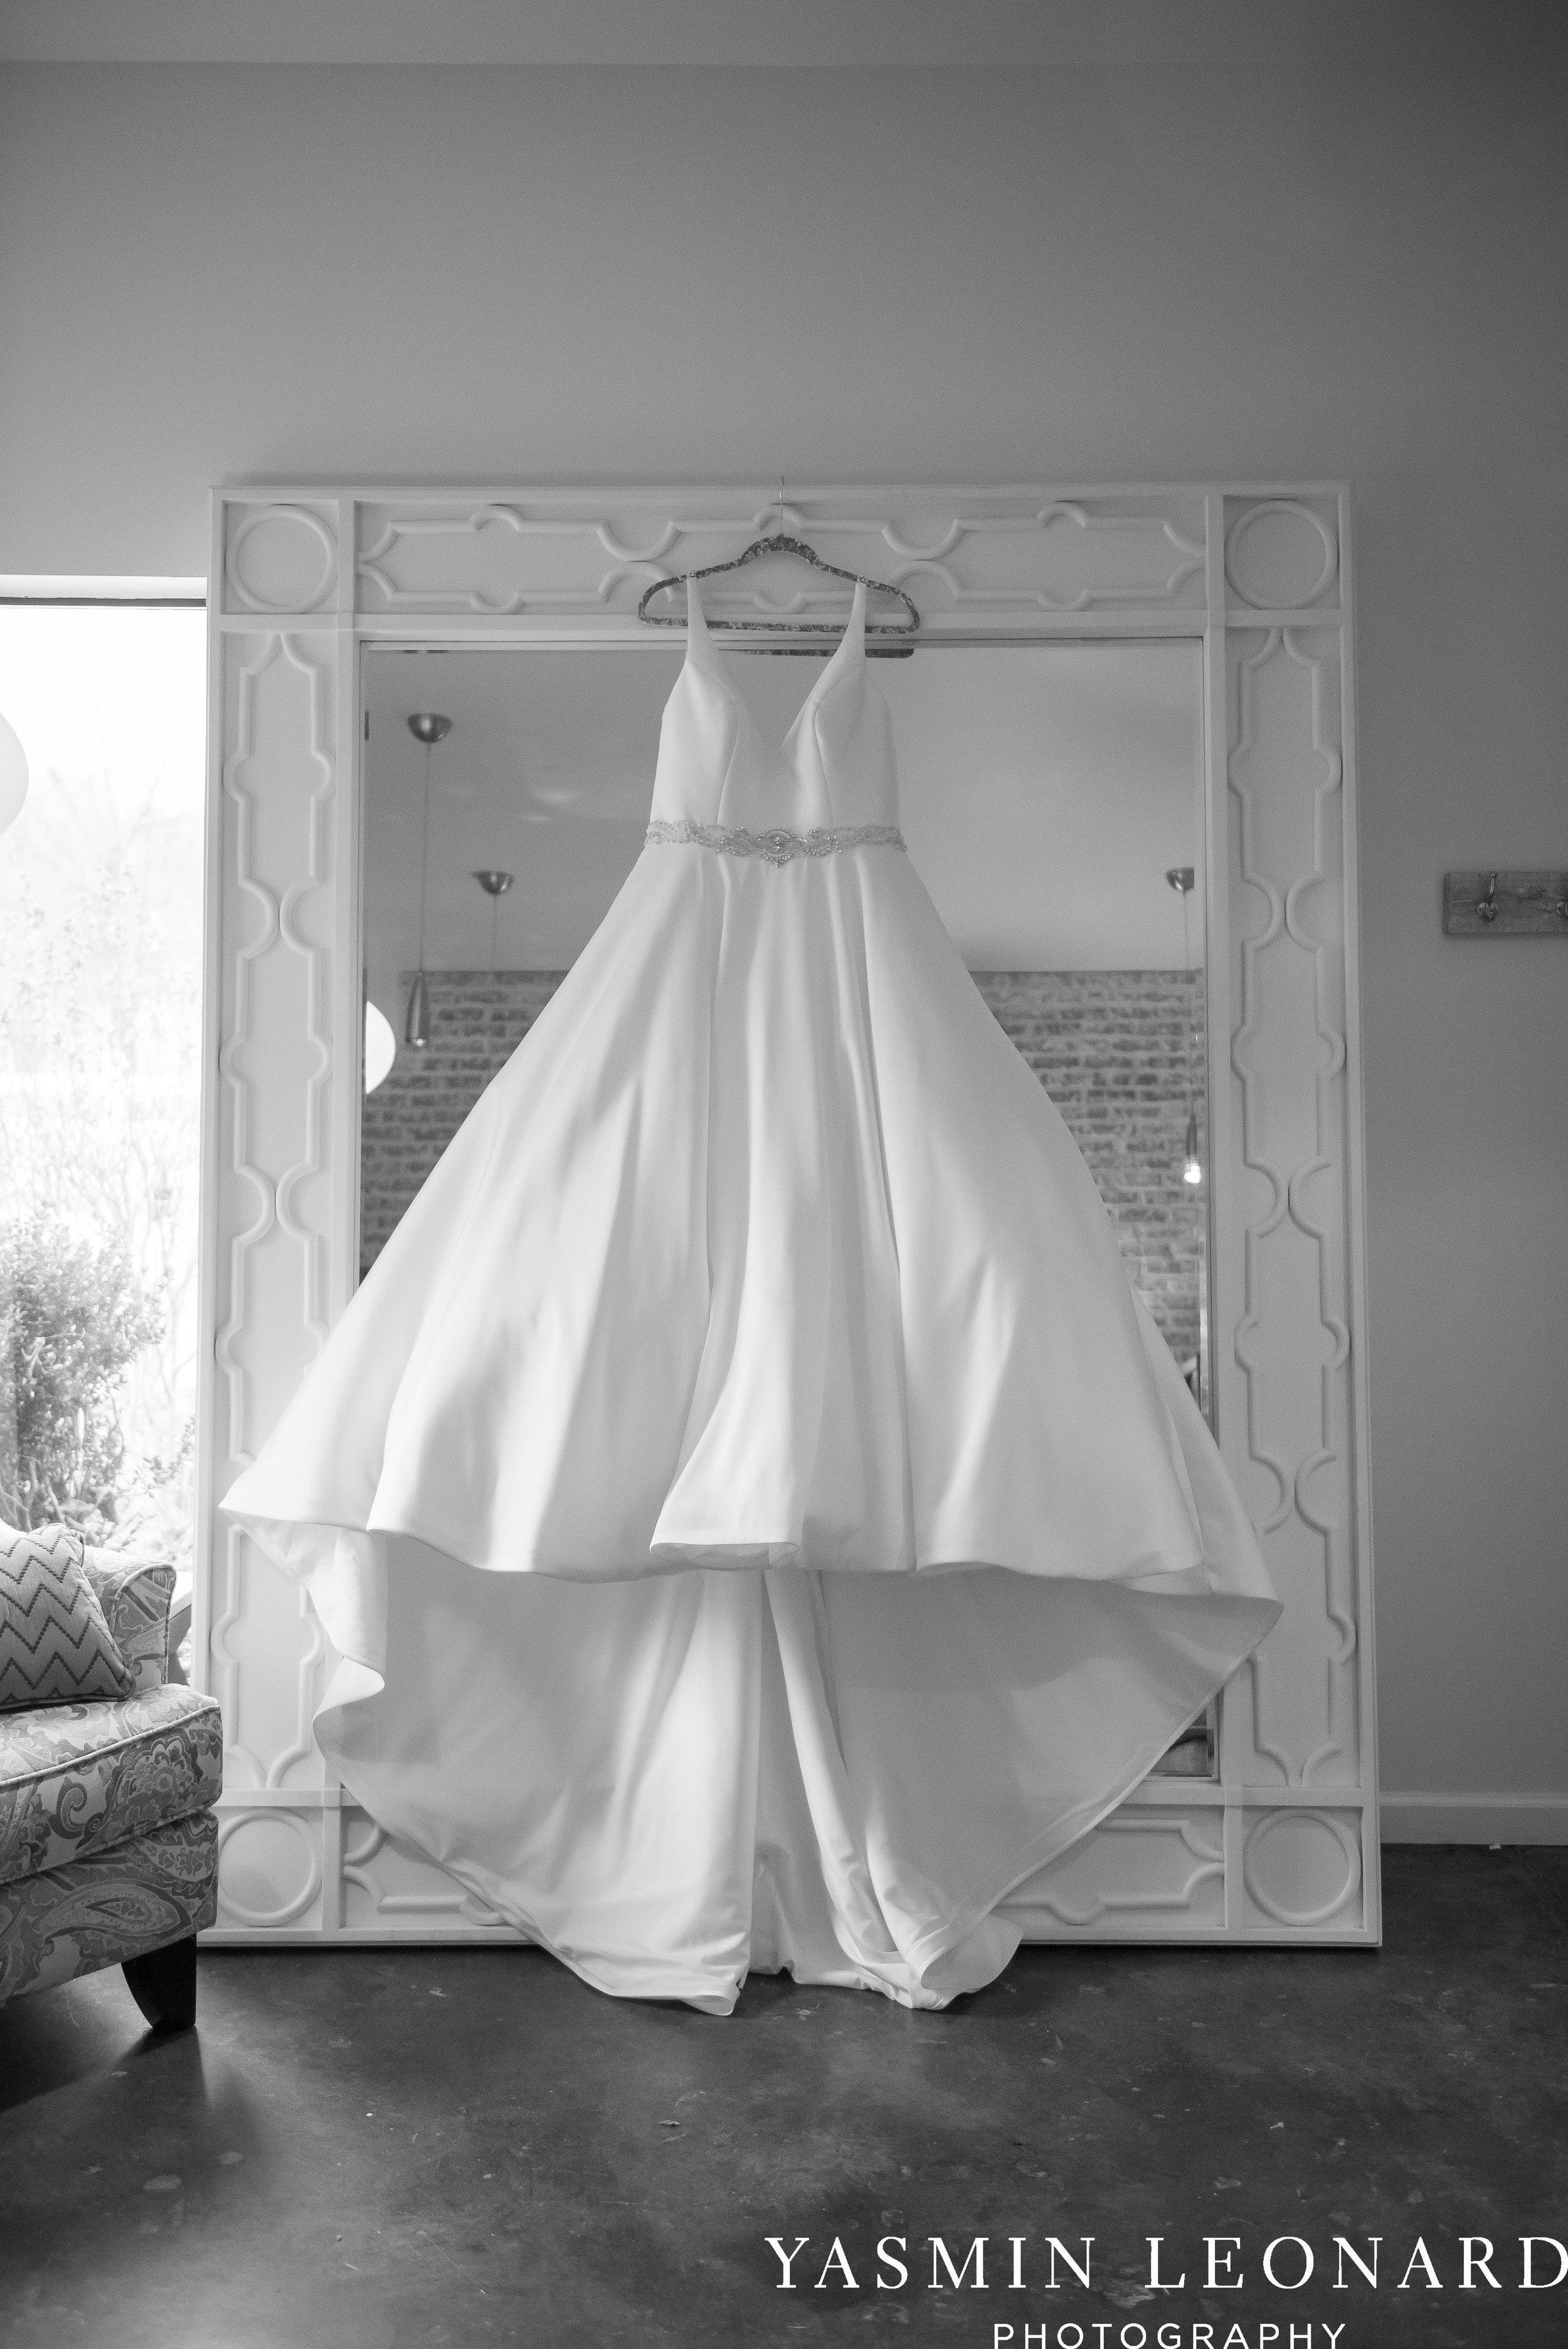 Adaumont Farm - Wesley Memorial Weddings - High Point Weddings - Just Priceless - NC Wedding Photographer - Yasmin Leonard Photography - High Point Wedding Vendors-7.jpg